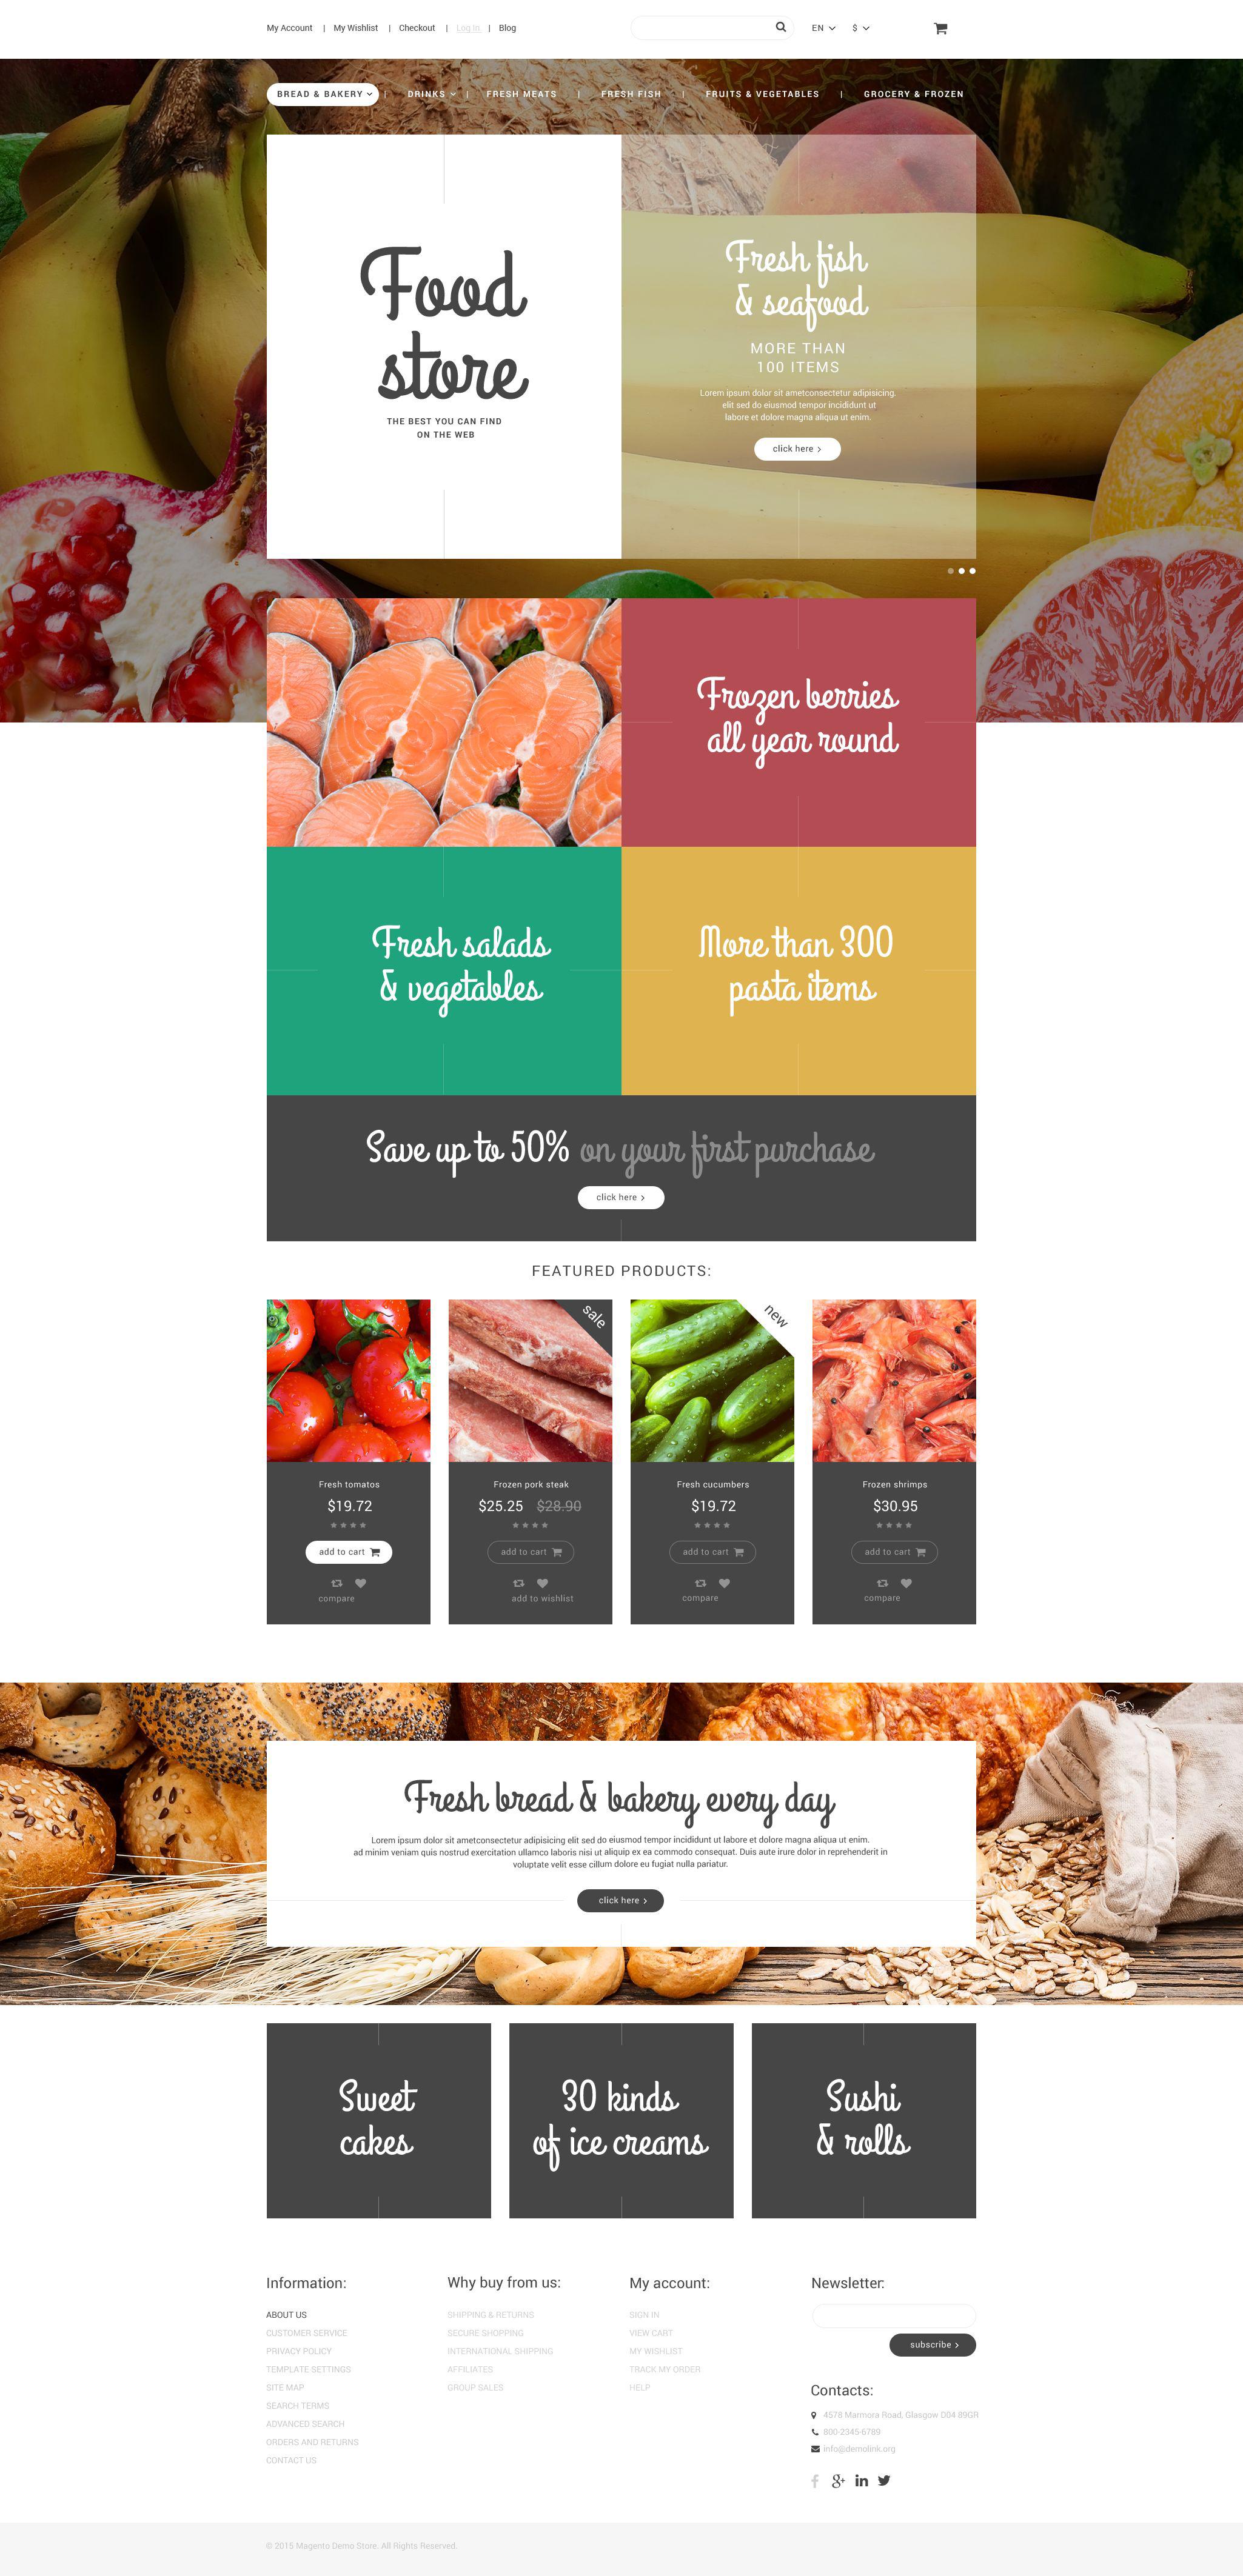 Responsywny szablon Magento Food Store #55004 - zrzut ekranu